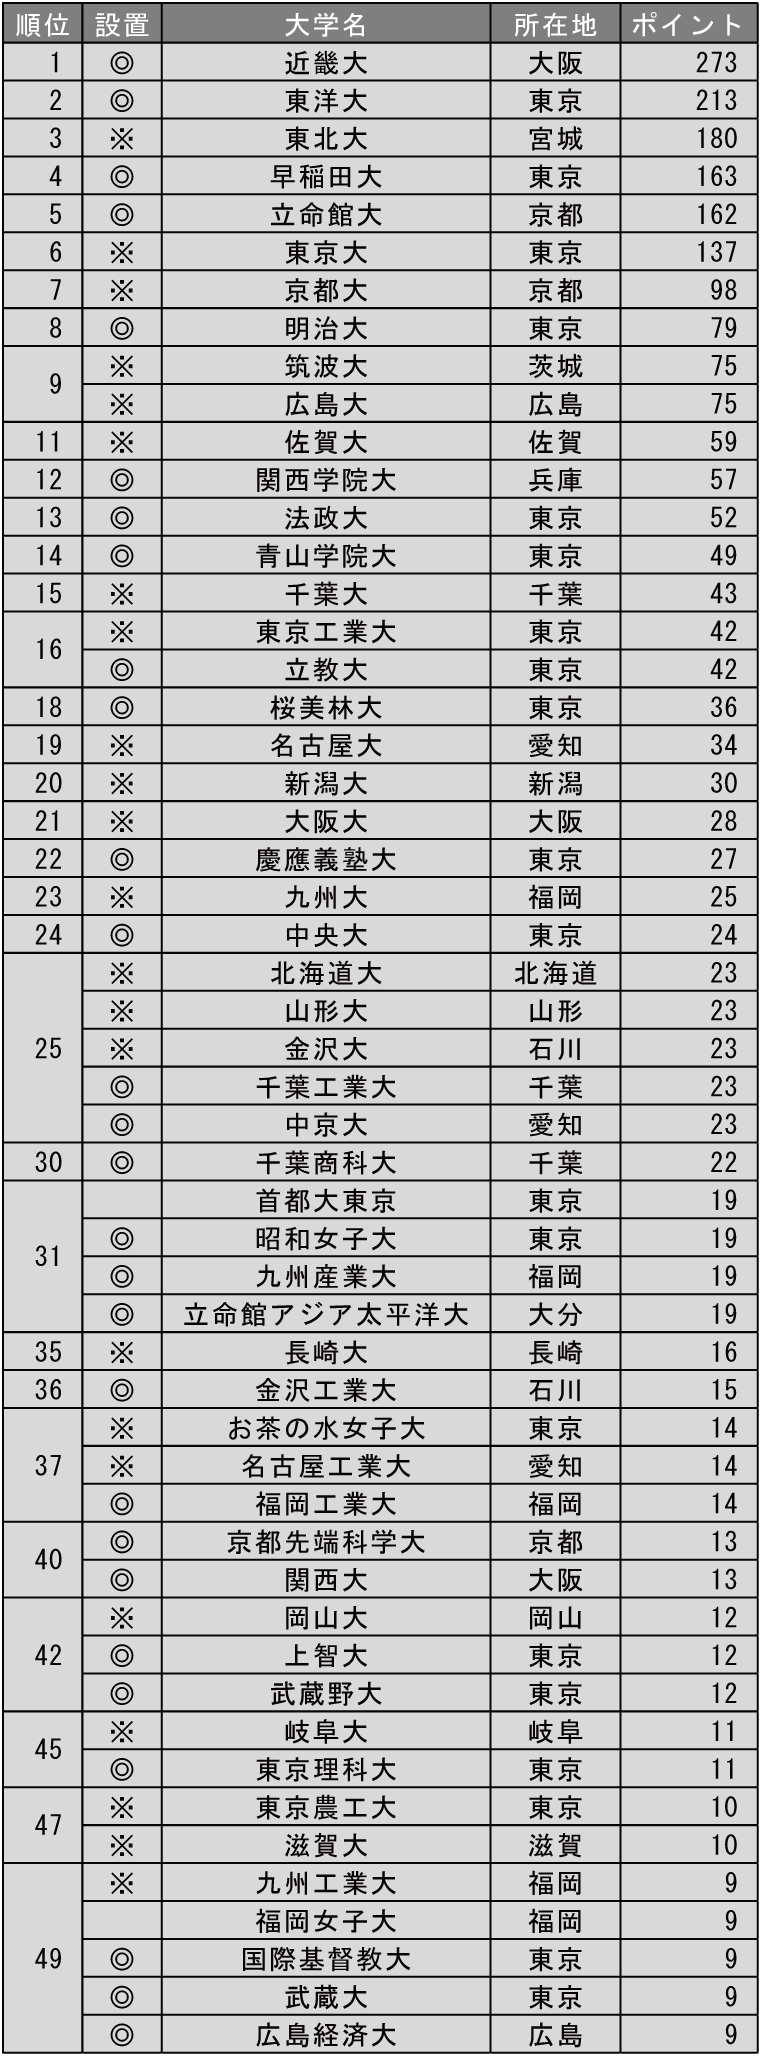 改革力が高い大学ランキング2019(全国編)